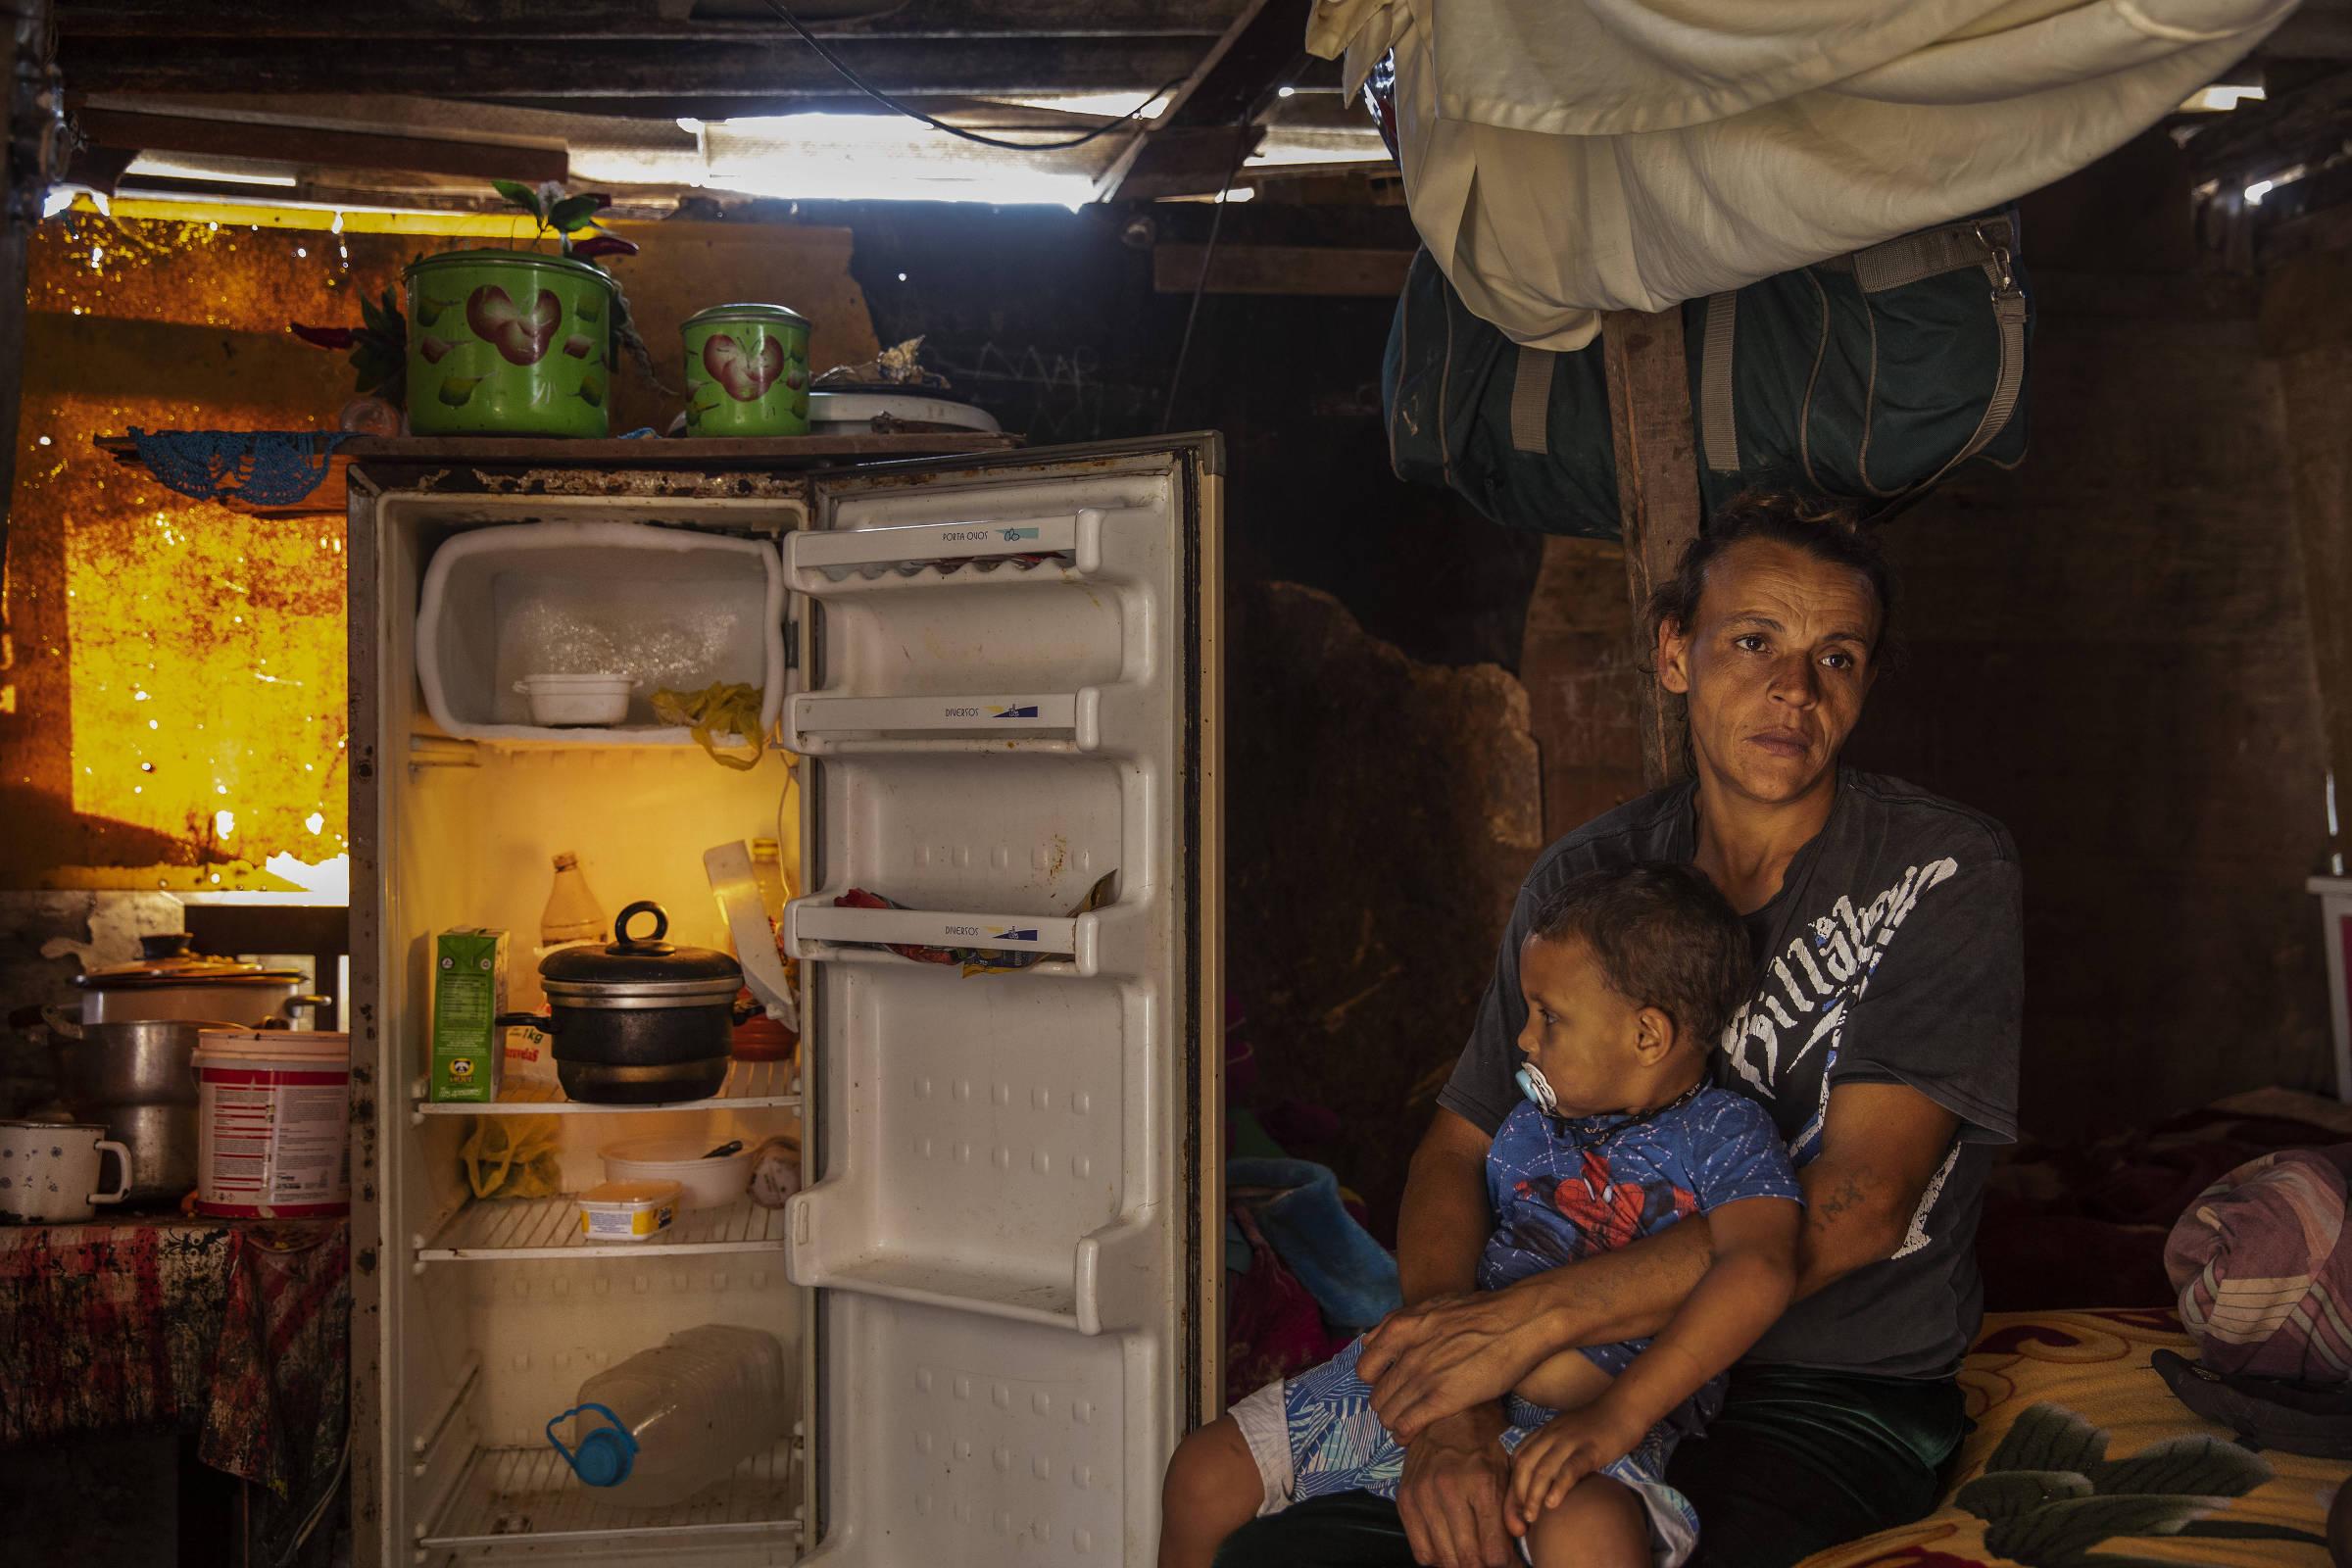 Com a queda da gasolina e o cultivo de alimentos, a inflação é pior para os pobres - 10/06/2020 - Mercado